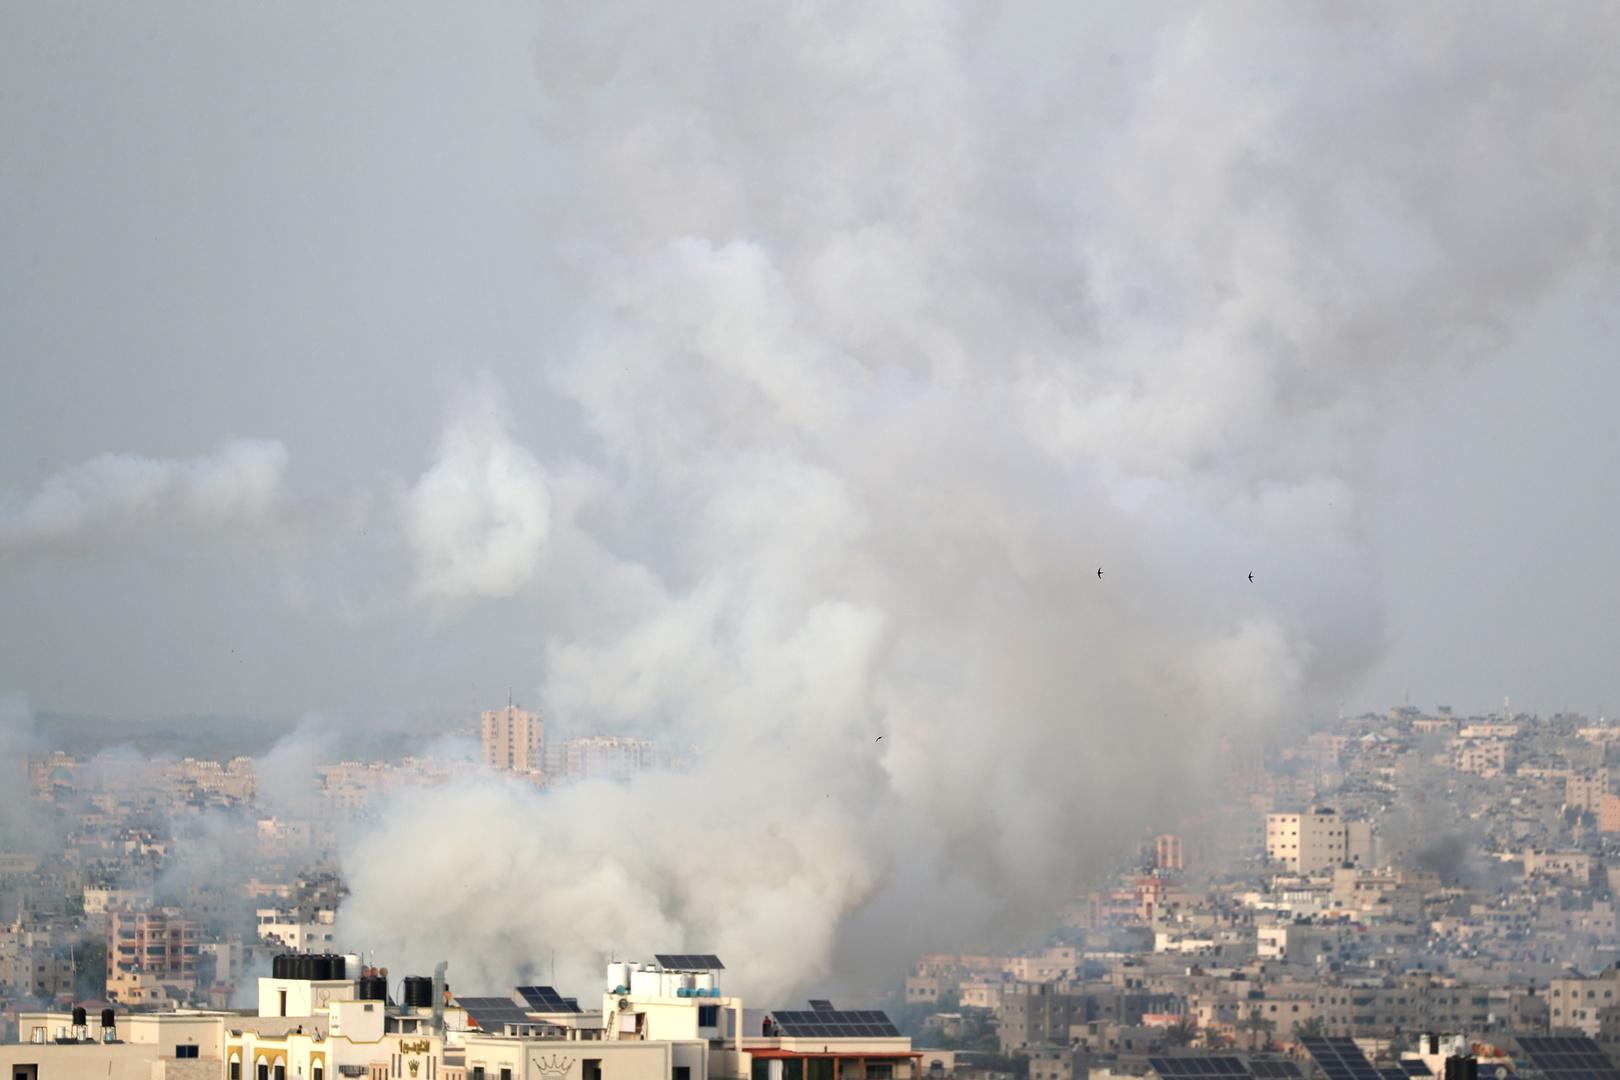 كتائب القسام تعلن تنفيذ عدة هجمات ضد أهداف إسرائيلية عبر طائرات مسيرة